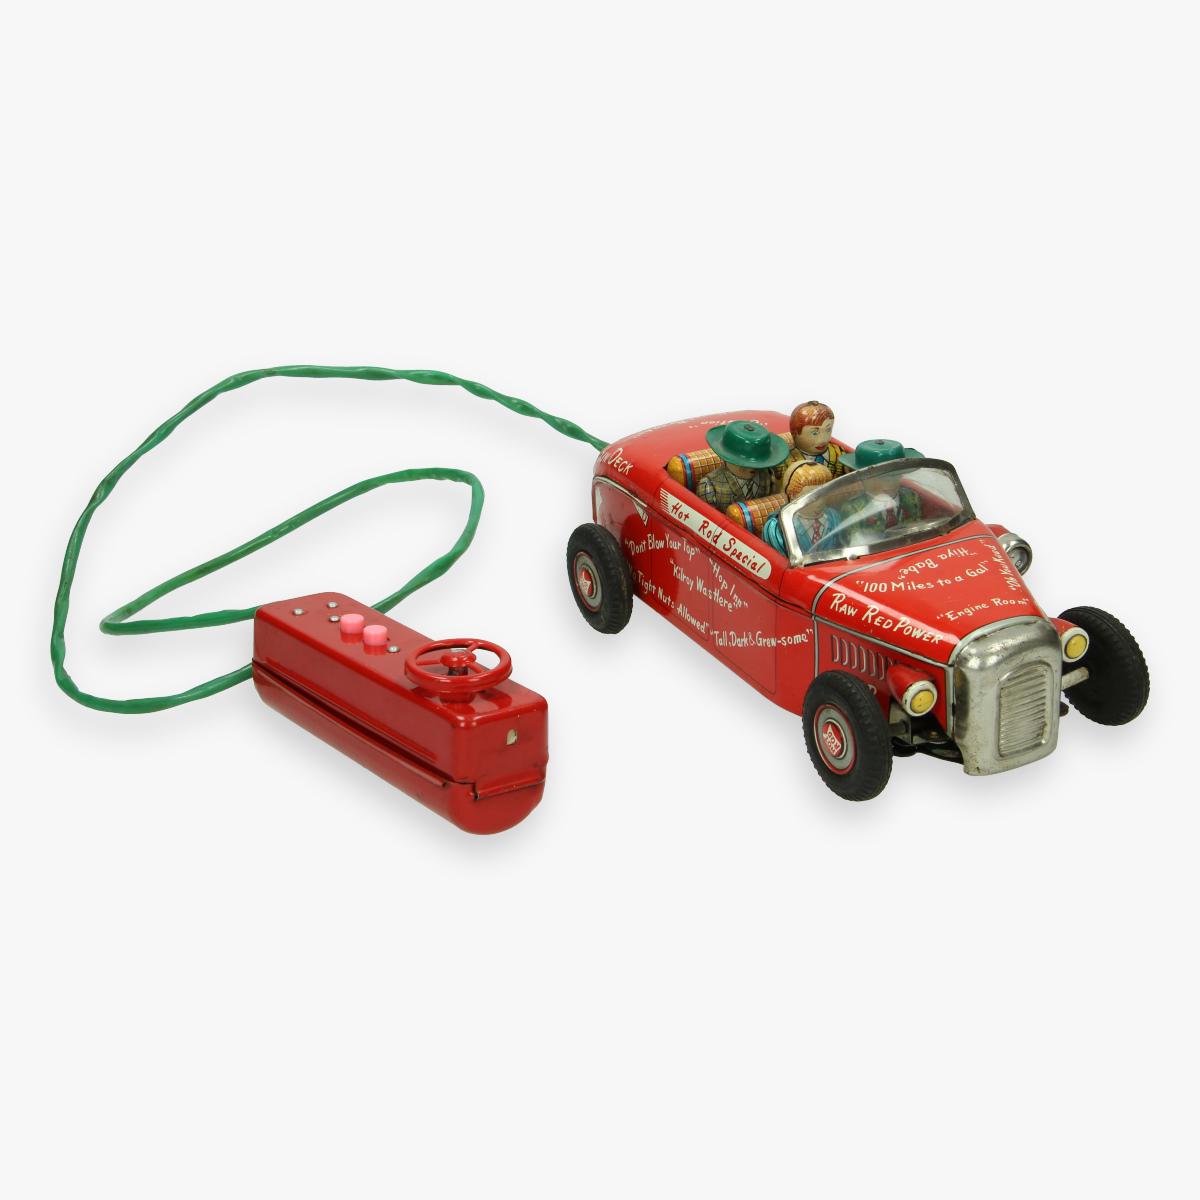 Afbeeldingen van tin toy hot rod special jaren 50 college jalopy line mar toys